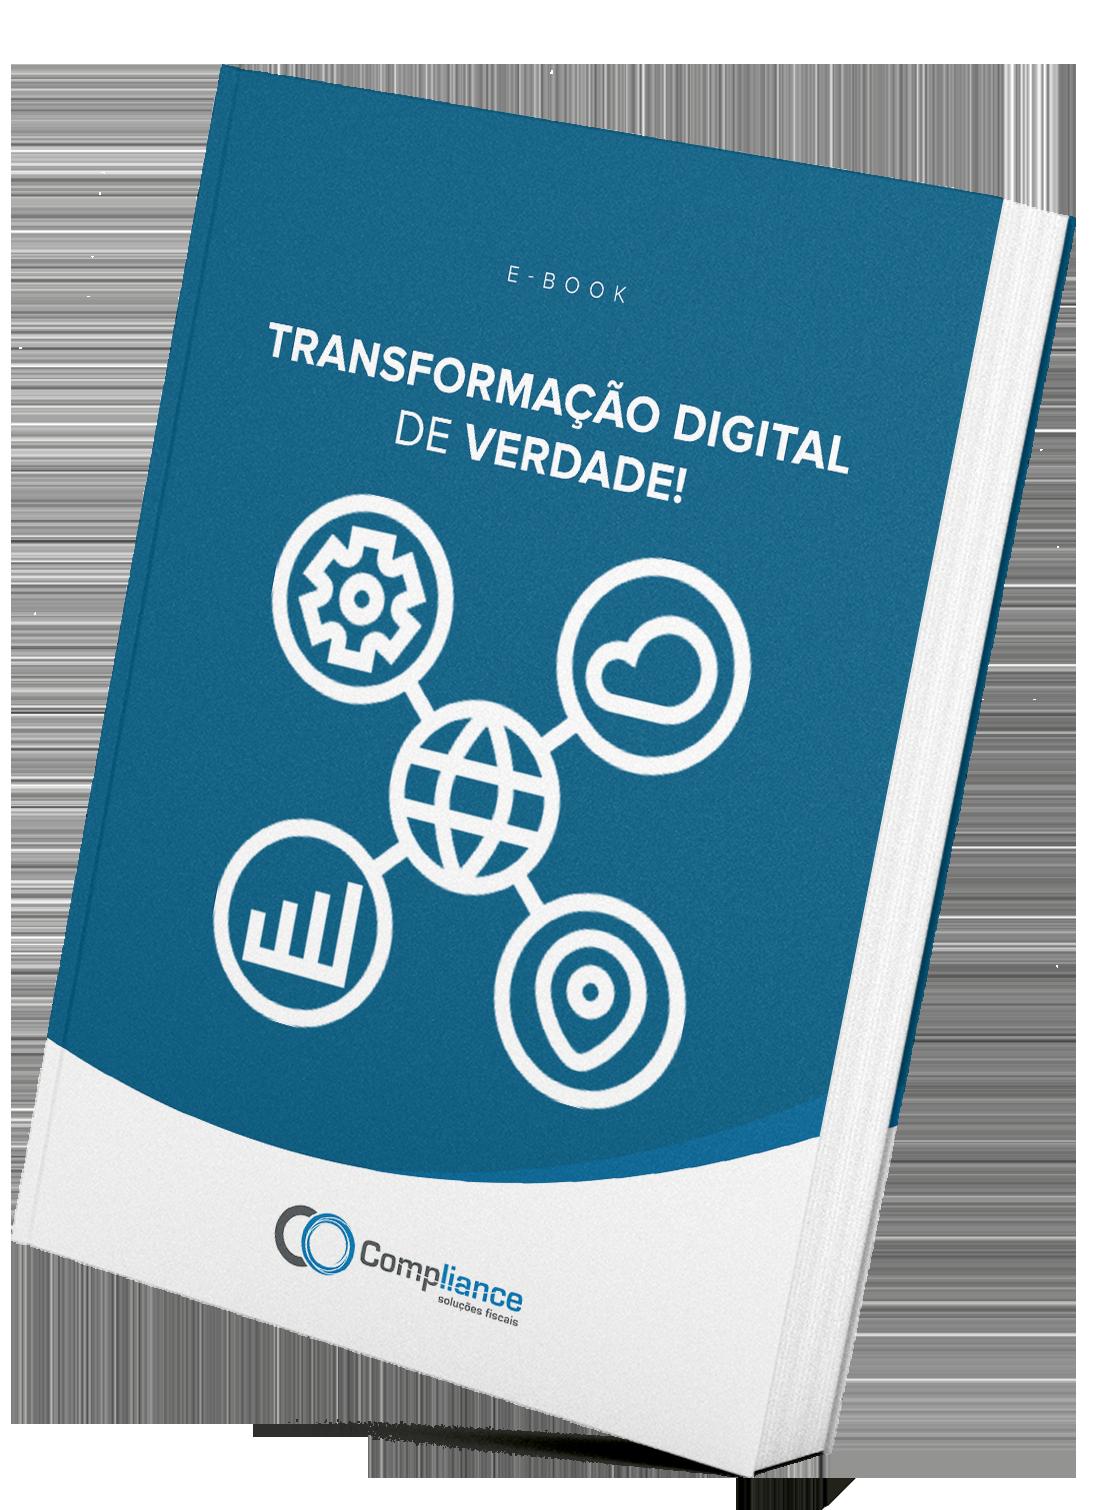 Transformação Digital de Vendade: Guia Prático